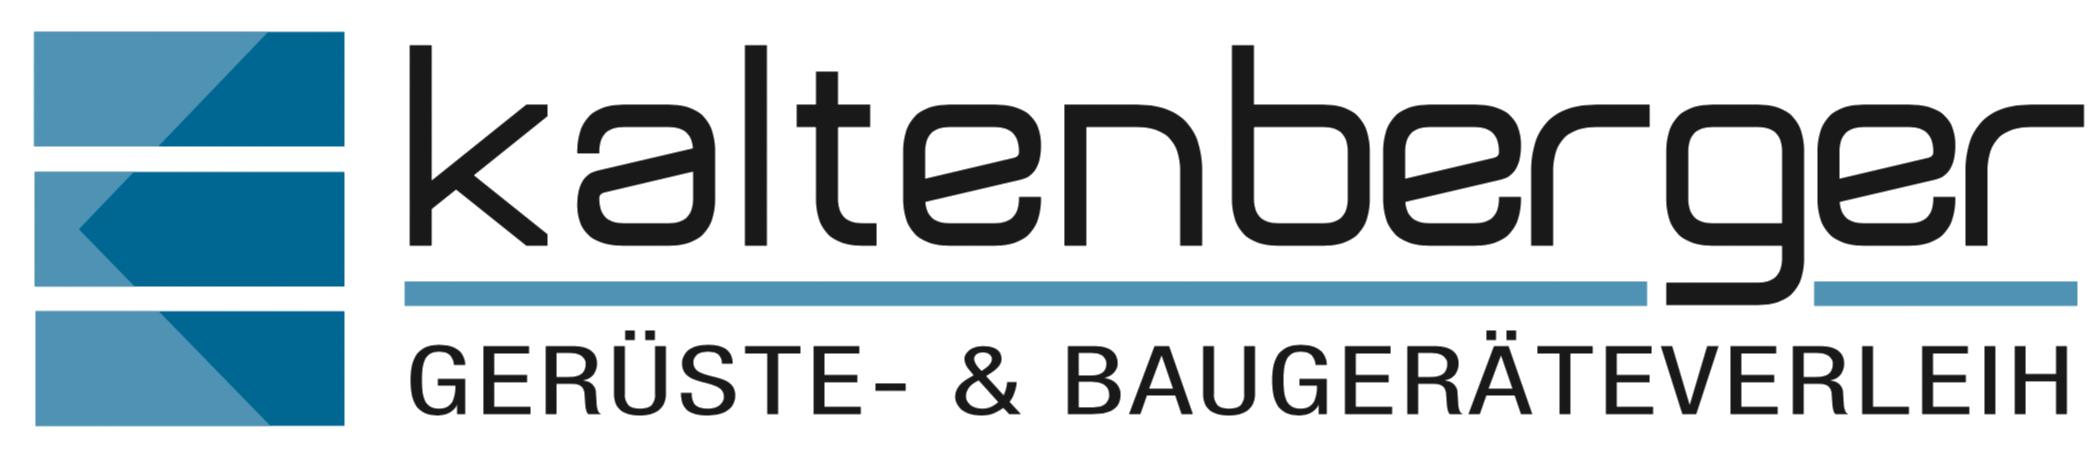 Kaltenberger Gerüst- und Baugeräteverleih - Oberösterreich | Wir sind Ihr verlässlicher Partner für den Gerüstbau und -verleih aus St Agatha. Wir versuchen wir jede Herausforderung zu meistern.